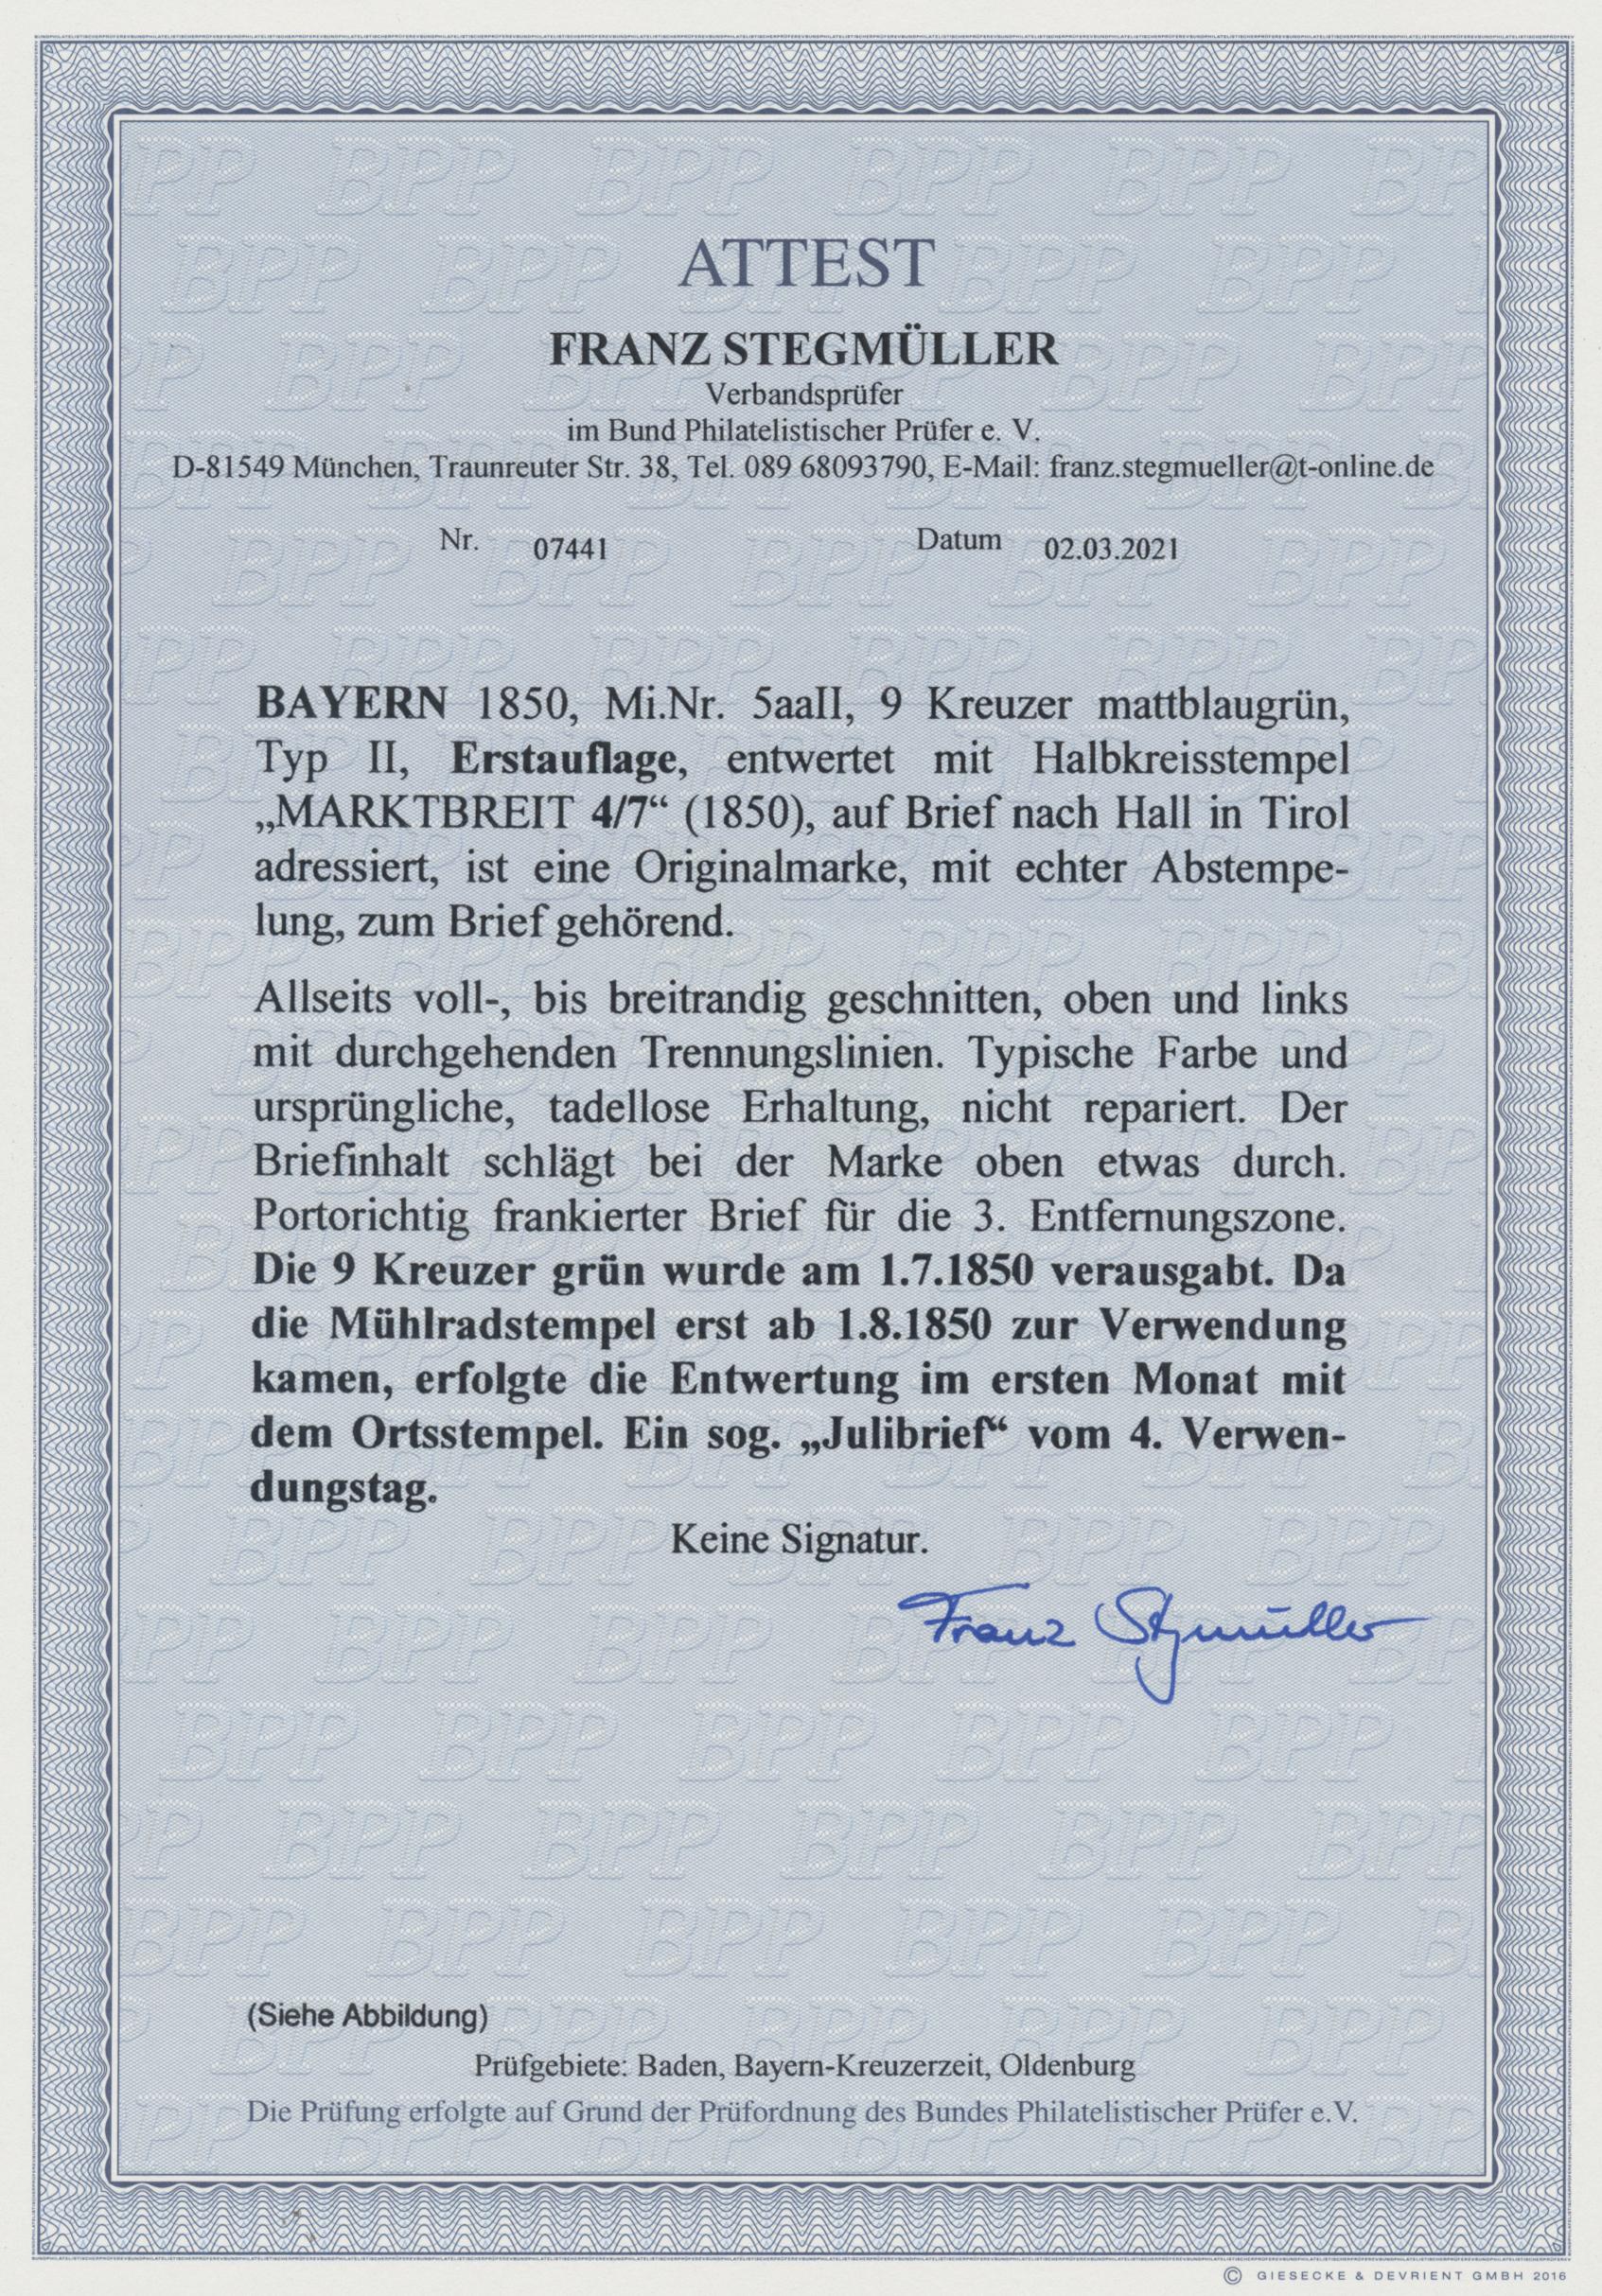 Lot 02156 - Bayern - Marken und Briefe  -  Auktionshaus Christoph Gärtner GmbH & Co. KG 50th Auction Anniversary Auction - Day 7